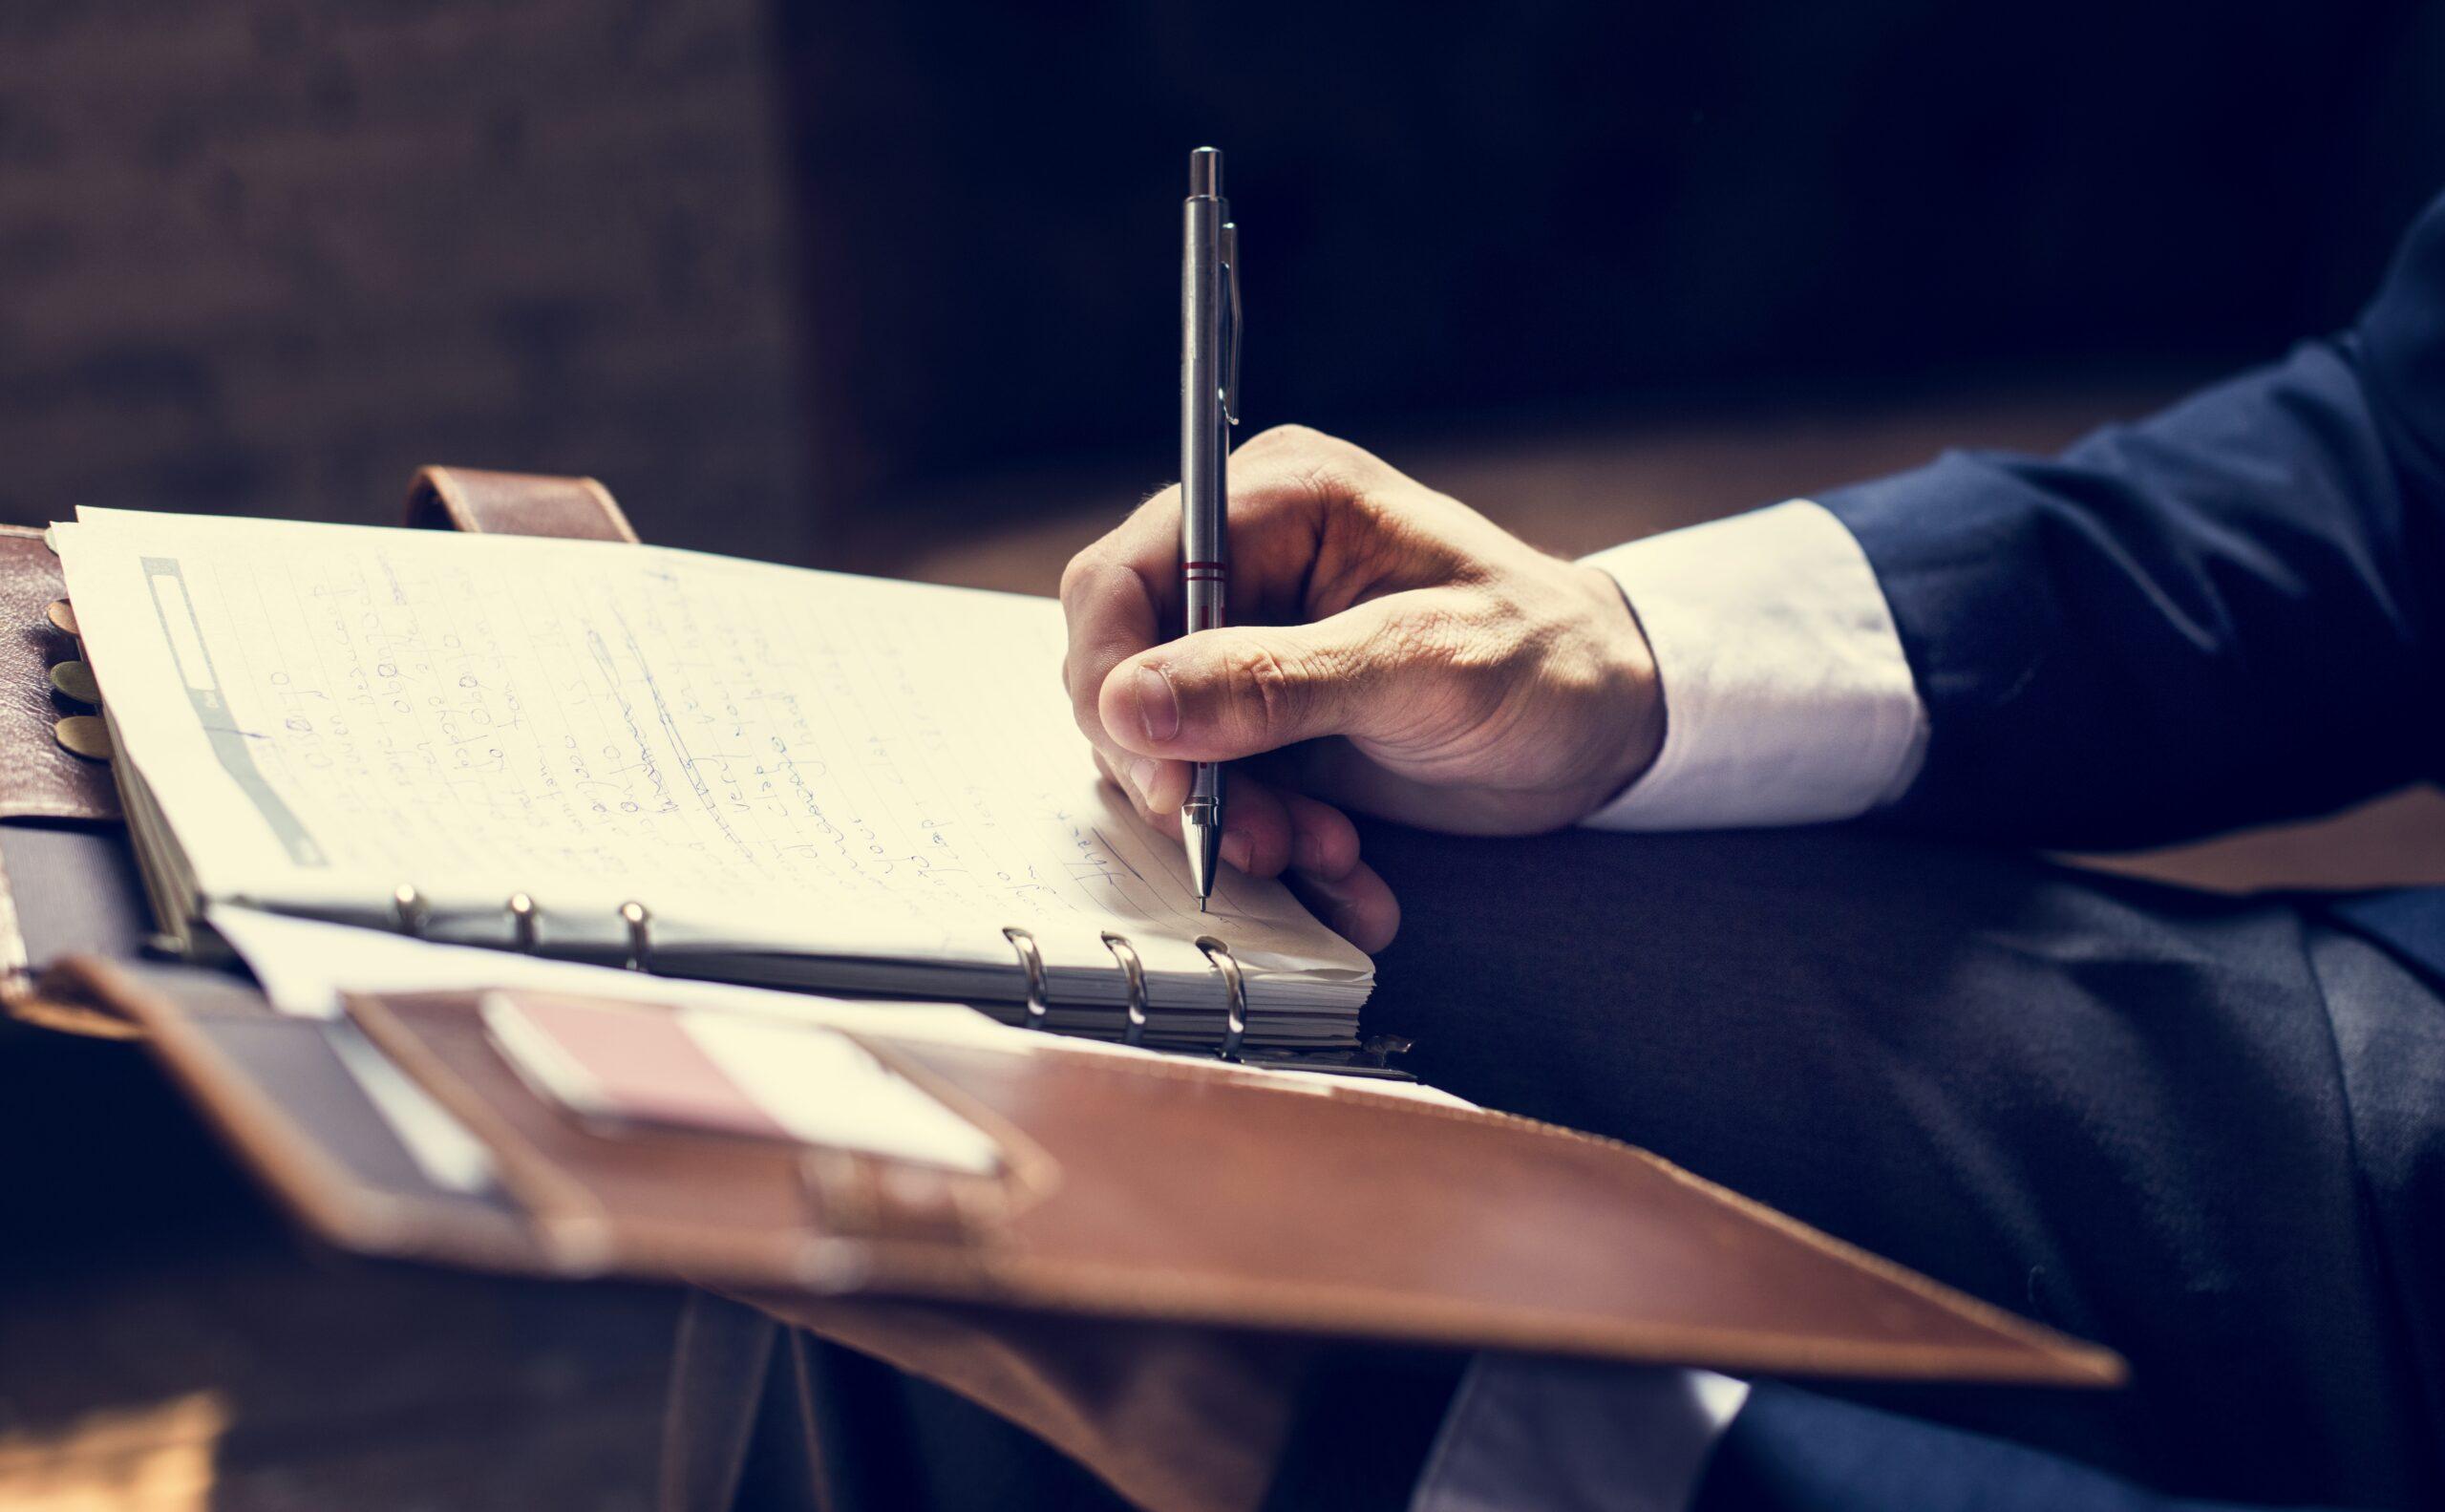 mão com caneta na mão assinando folha